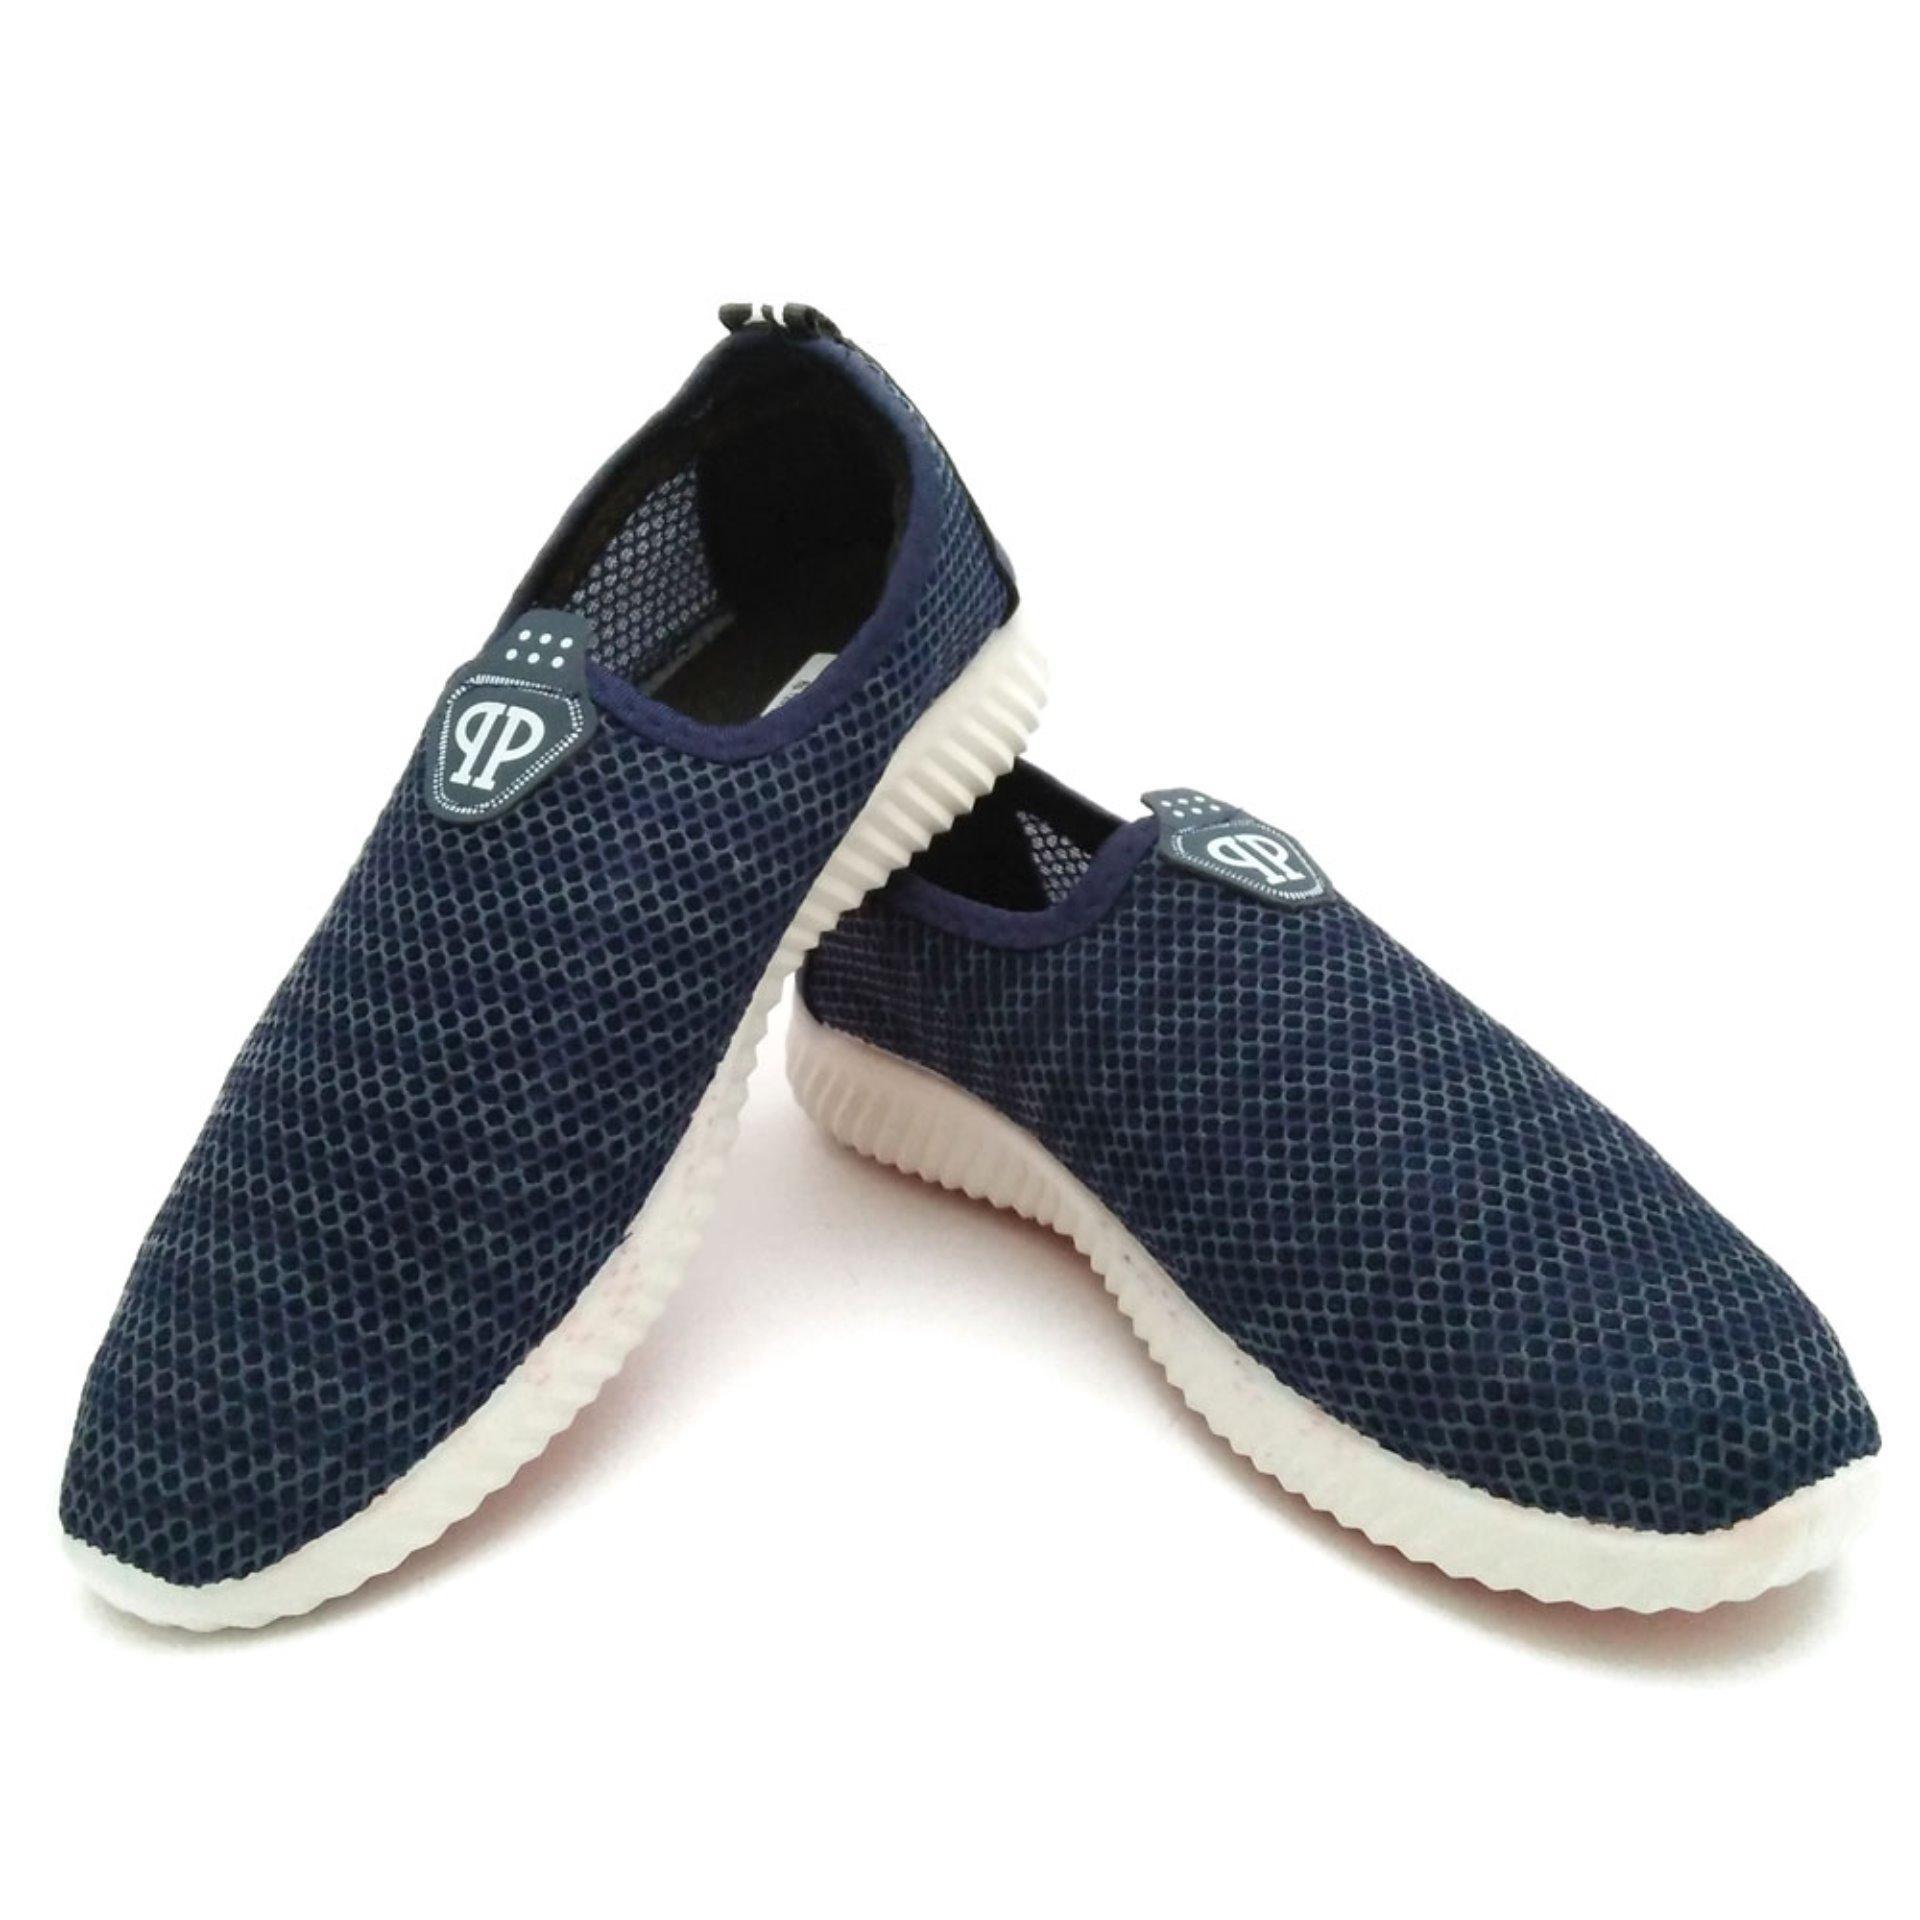 ... Vivo Fashion Sepatu Casual Pria/Sepatu Slip On Pria/Sepatu Sneakers Pria SP08906 ...